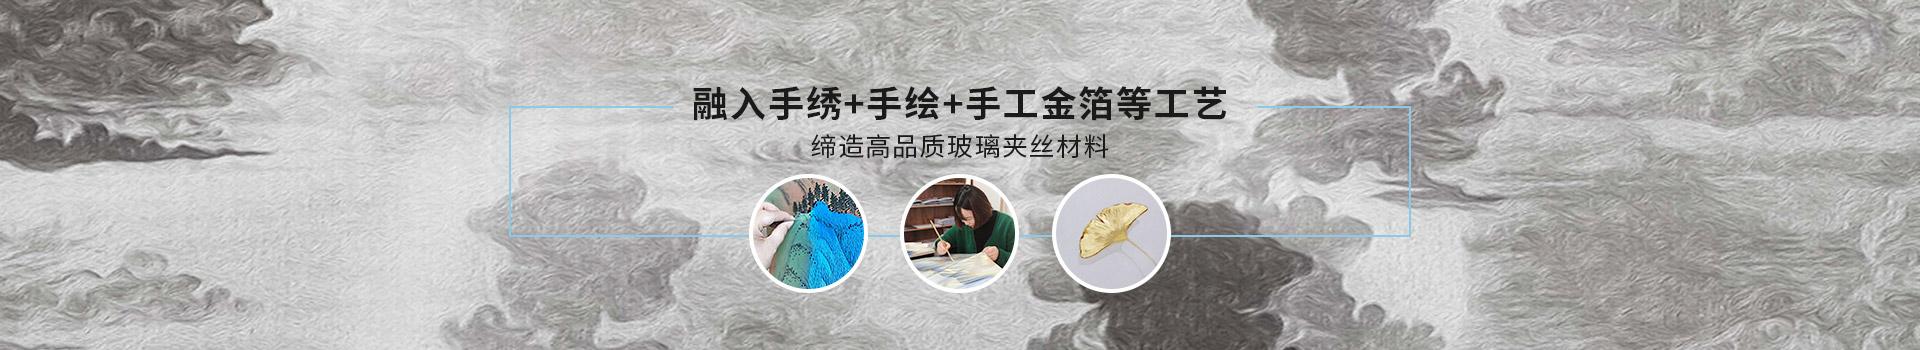 苏州鼎隆-融入手绣+手绘+手工金箔等工艺,缔造高品质玻璃夹丝材料